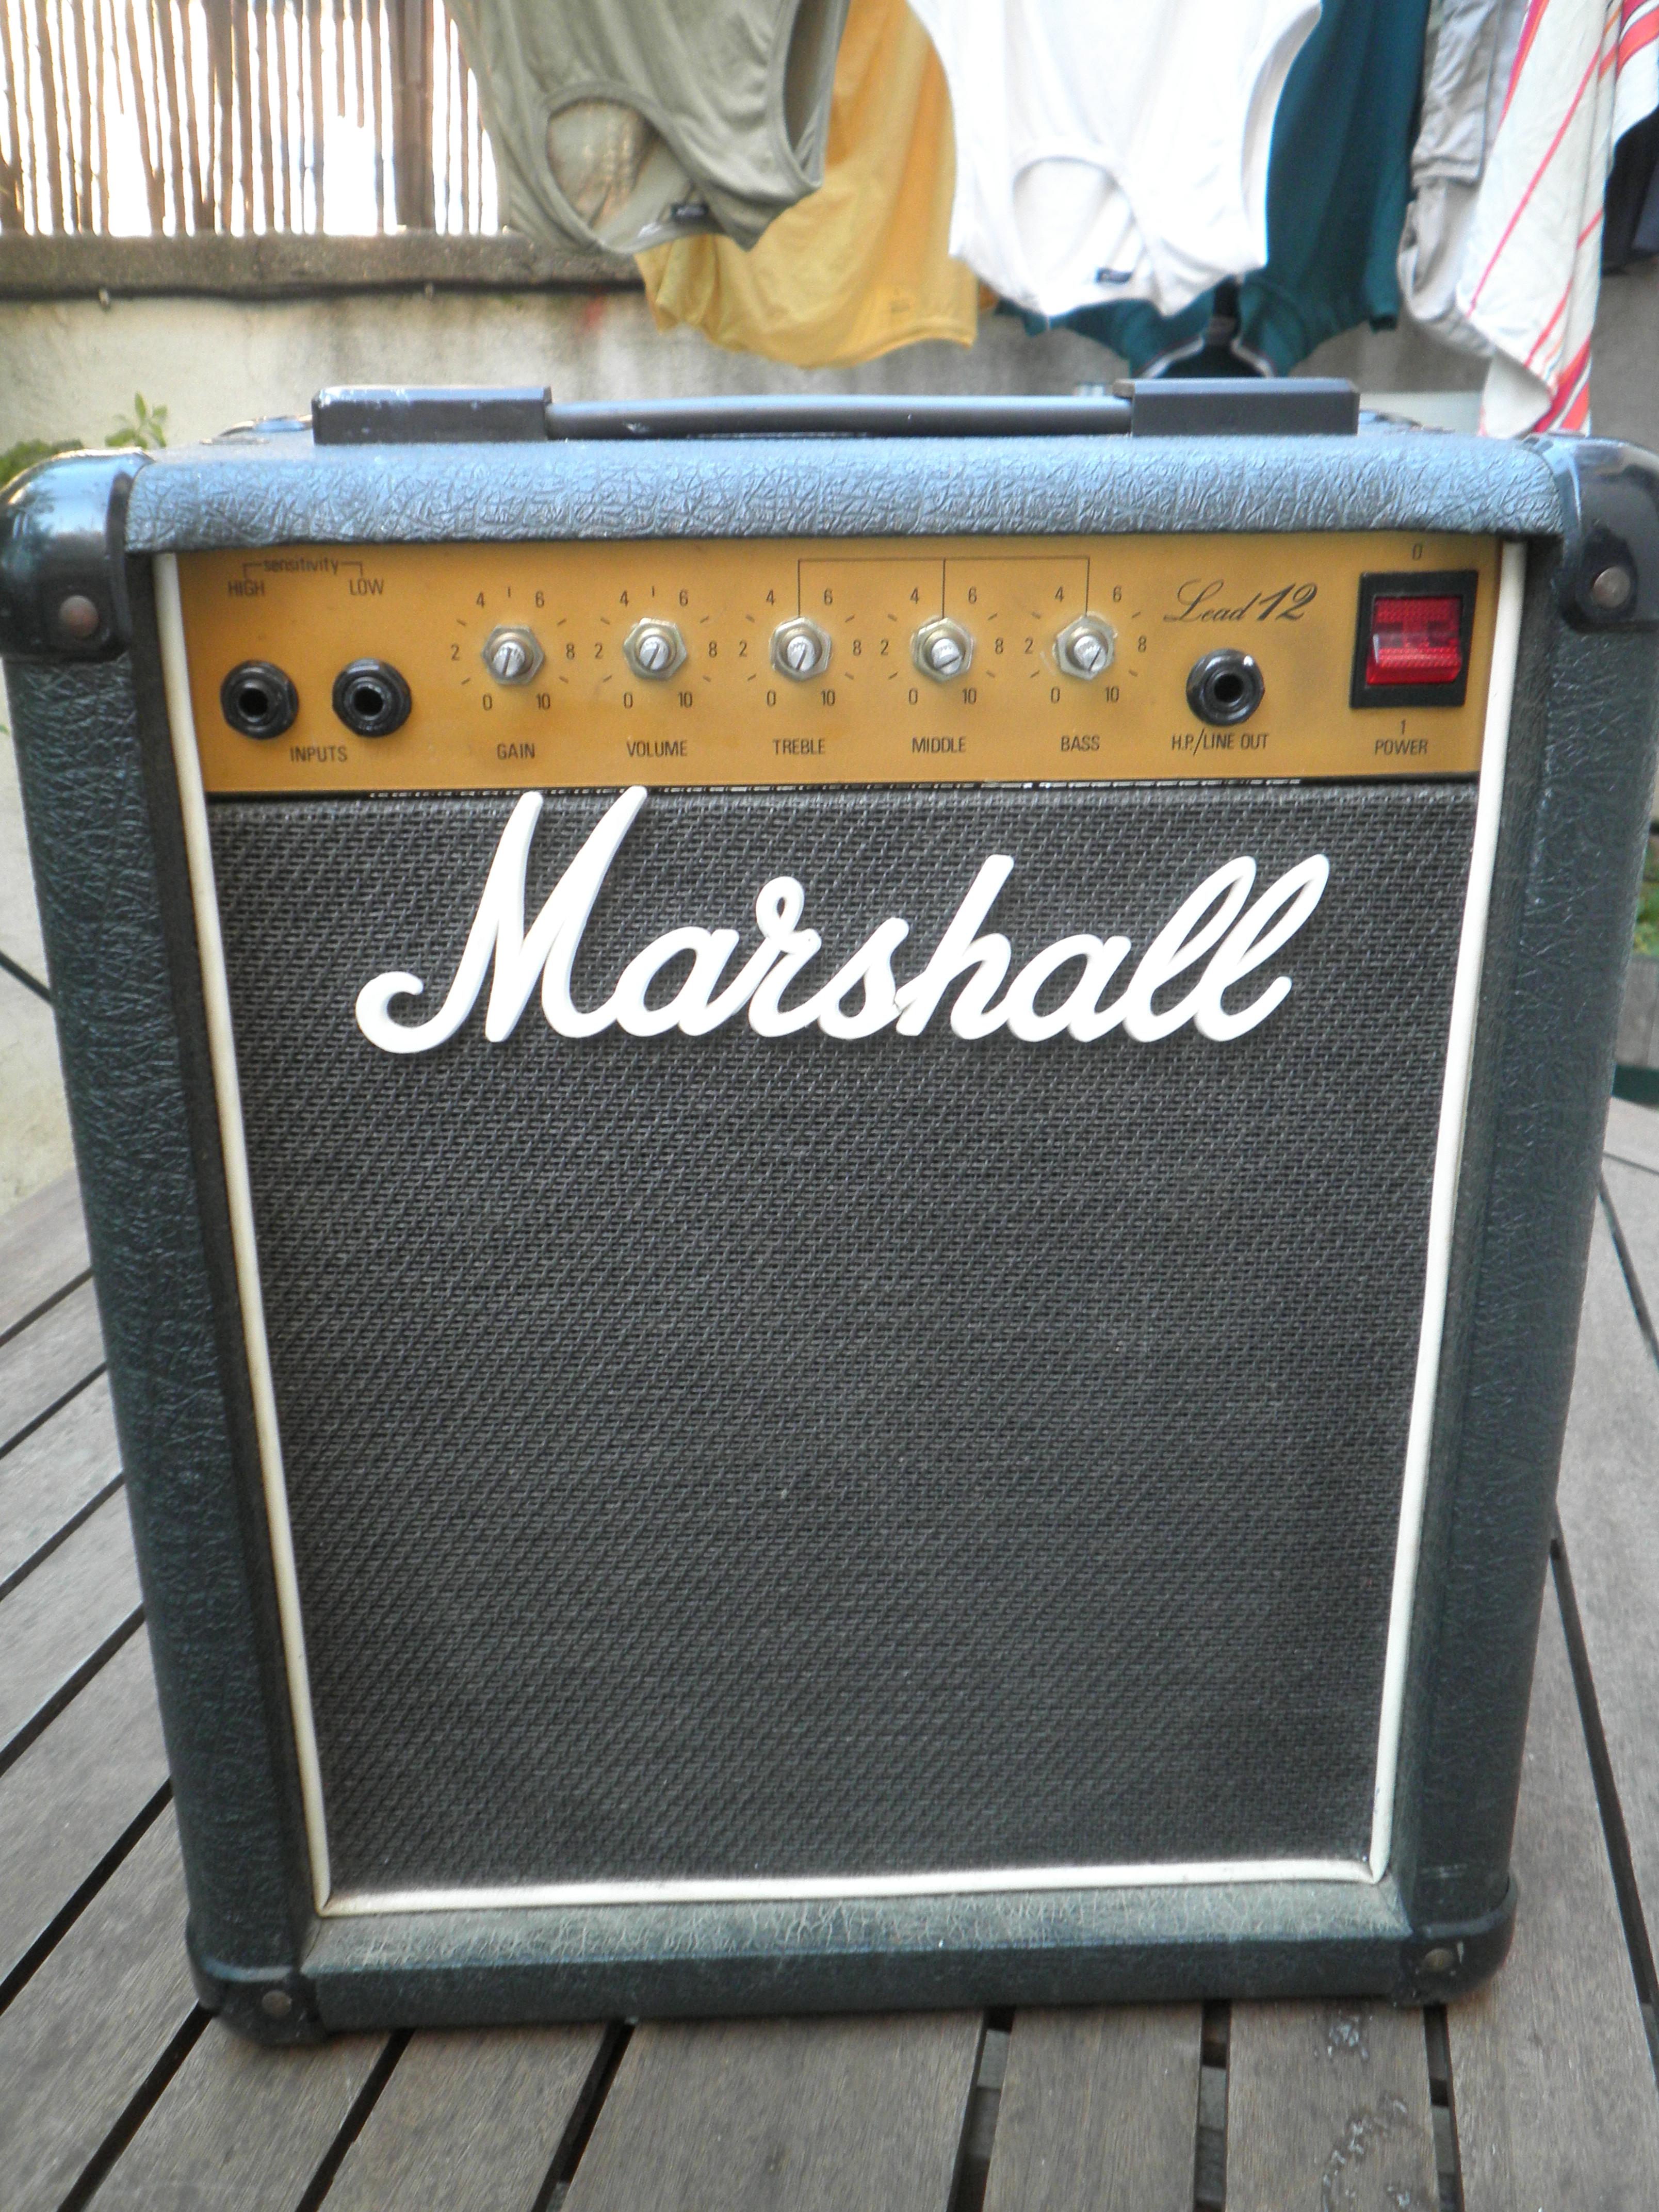 marshall 5005 lead 12 image 670107 audiofanzine. Black Bedroom Furniture Sets. Home Design Ideas